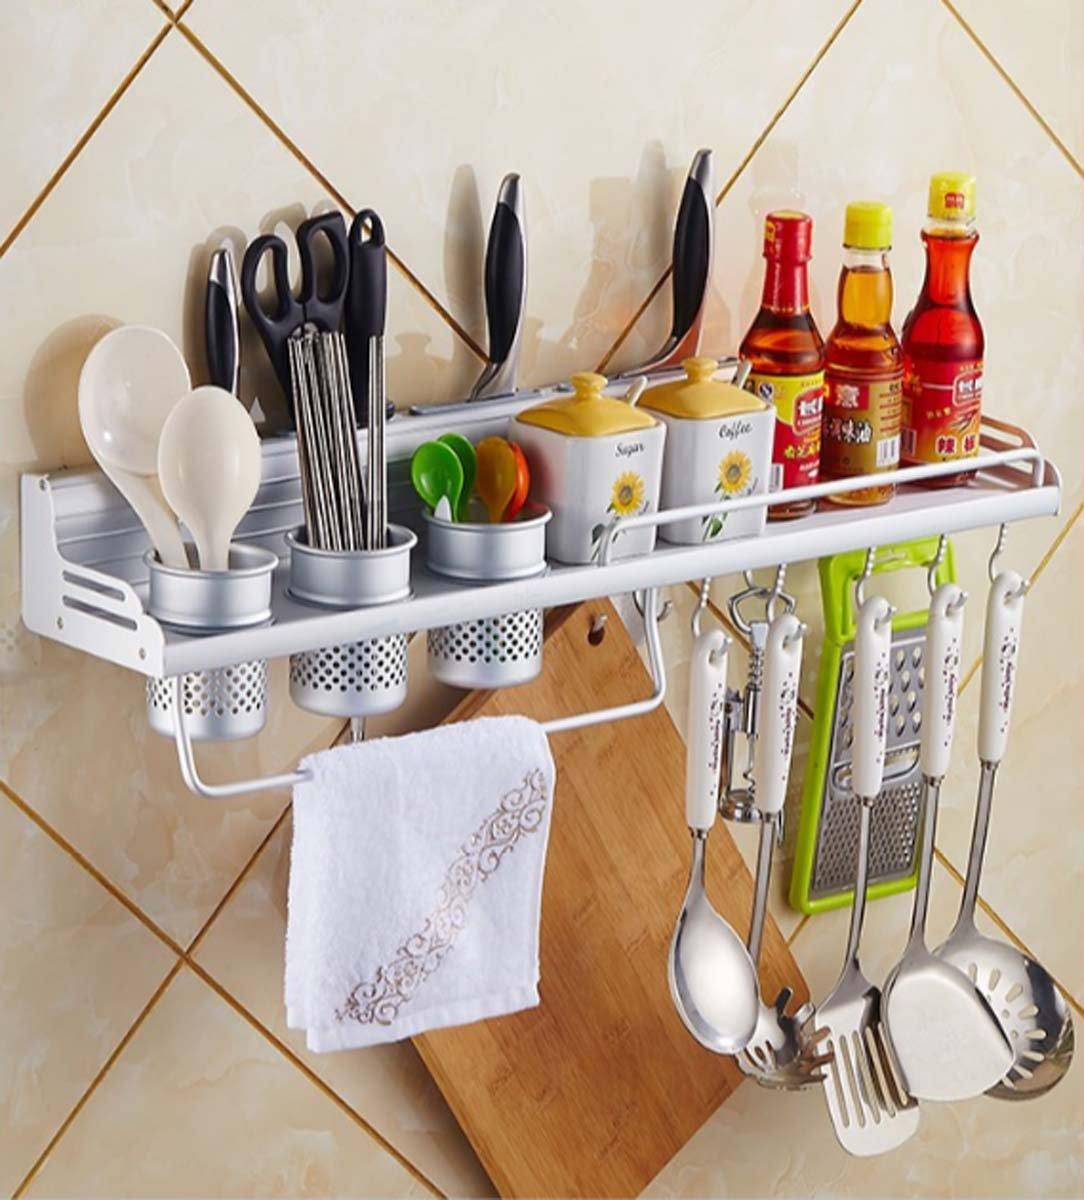 Utensili Rack, Spazio alluminio Organizzatore multiuso Scaffale da cucina Pan Pot Rack, Portaspezie, Cucchiaio per mestolo, Blocco coltelli, Porta asciugamani ( Dimensione : 40CM ) ZQM